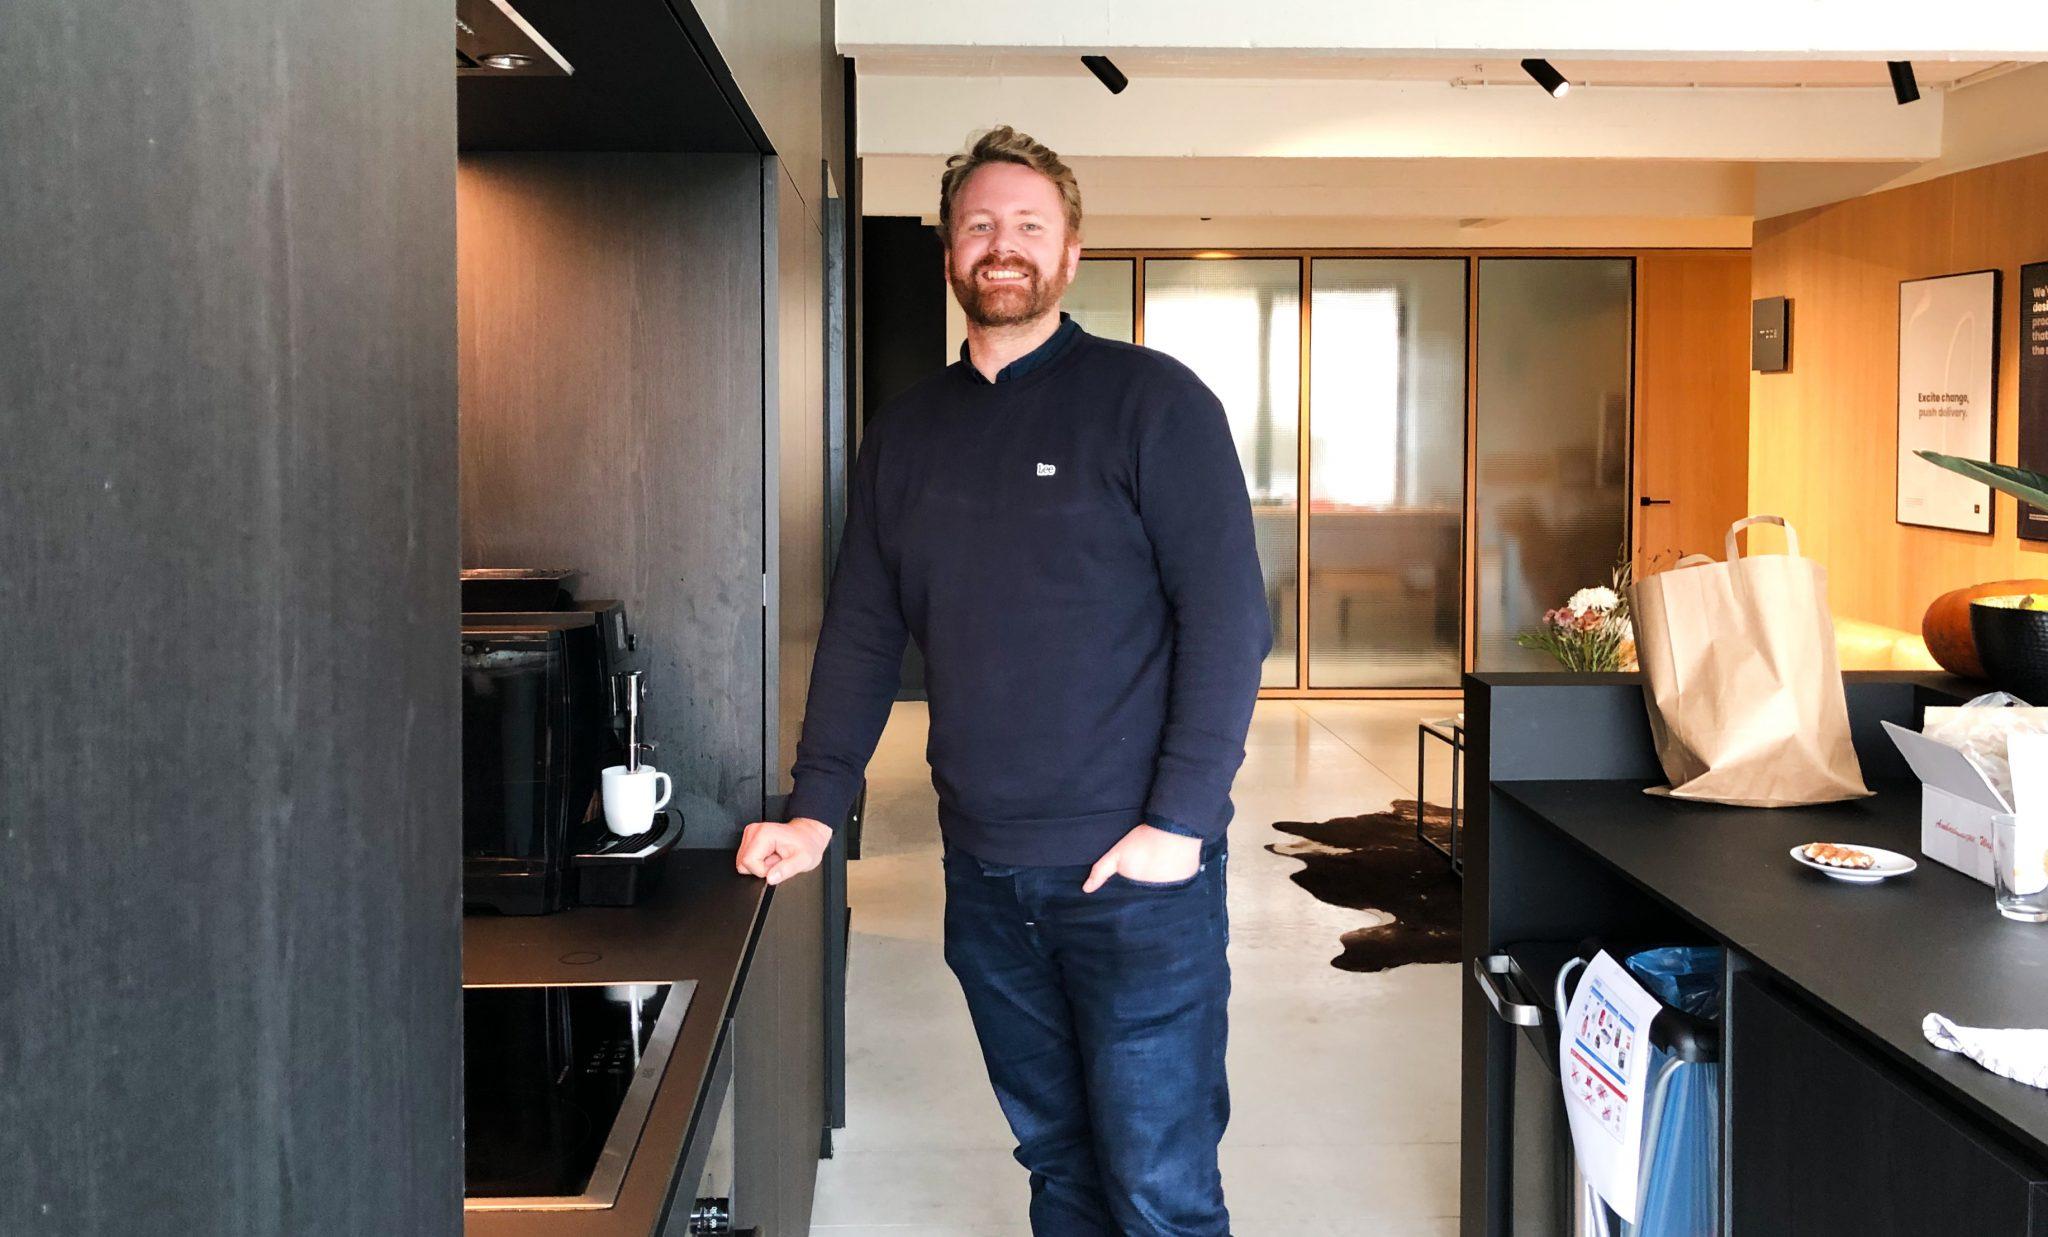 Timothy is zaakvoerder van een design- & innovatiebureau